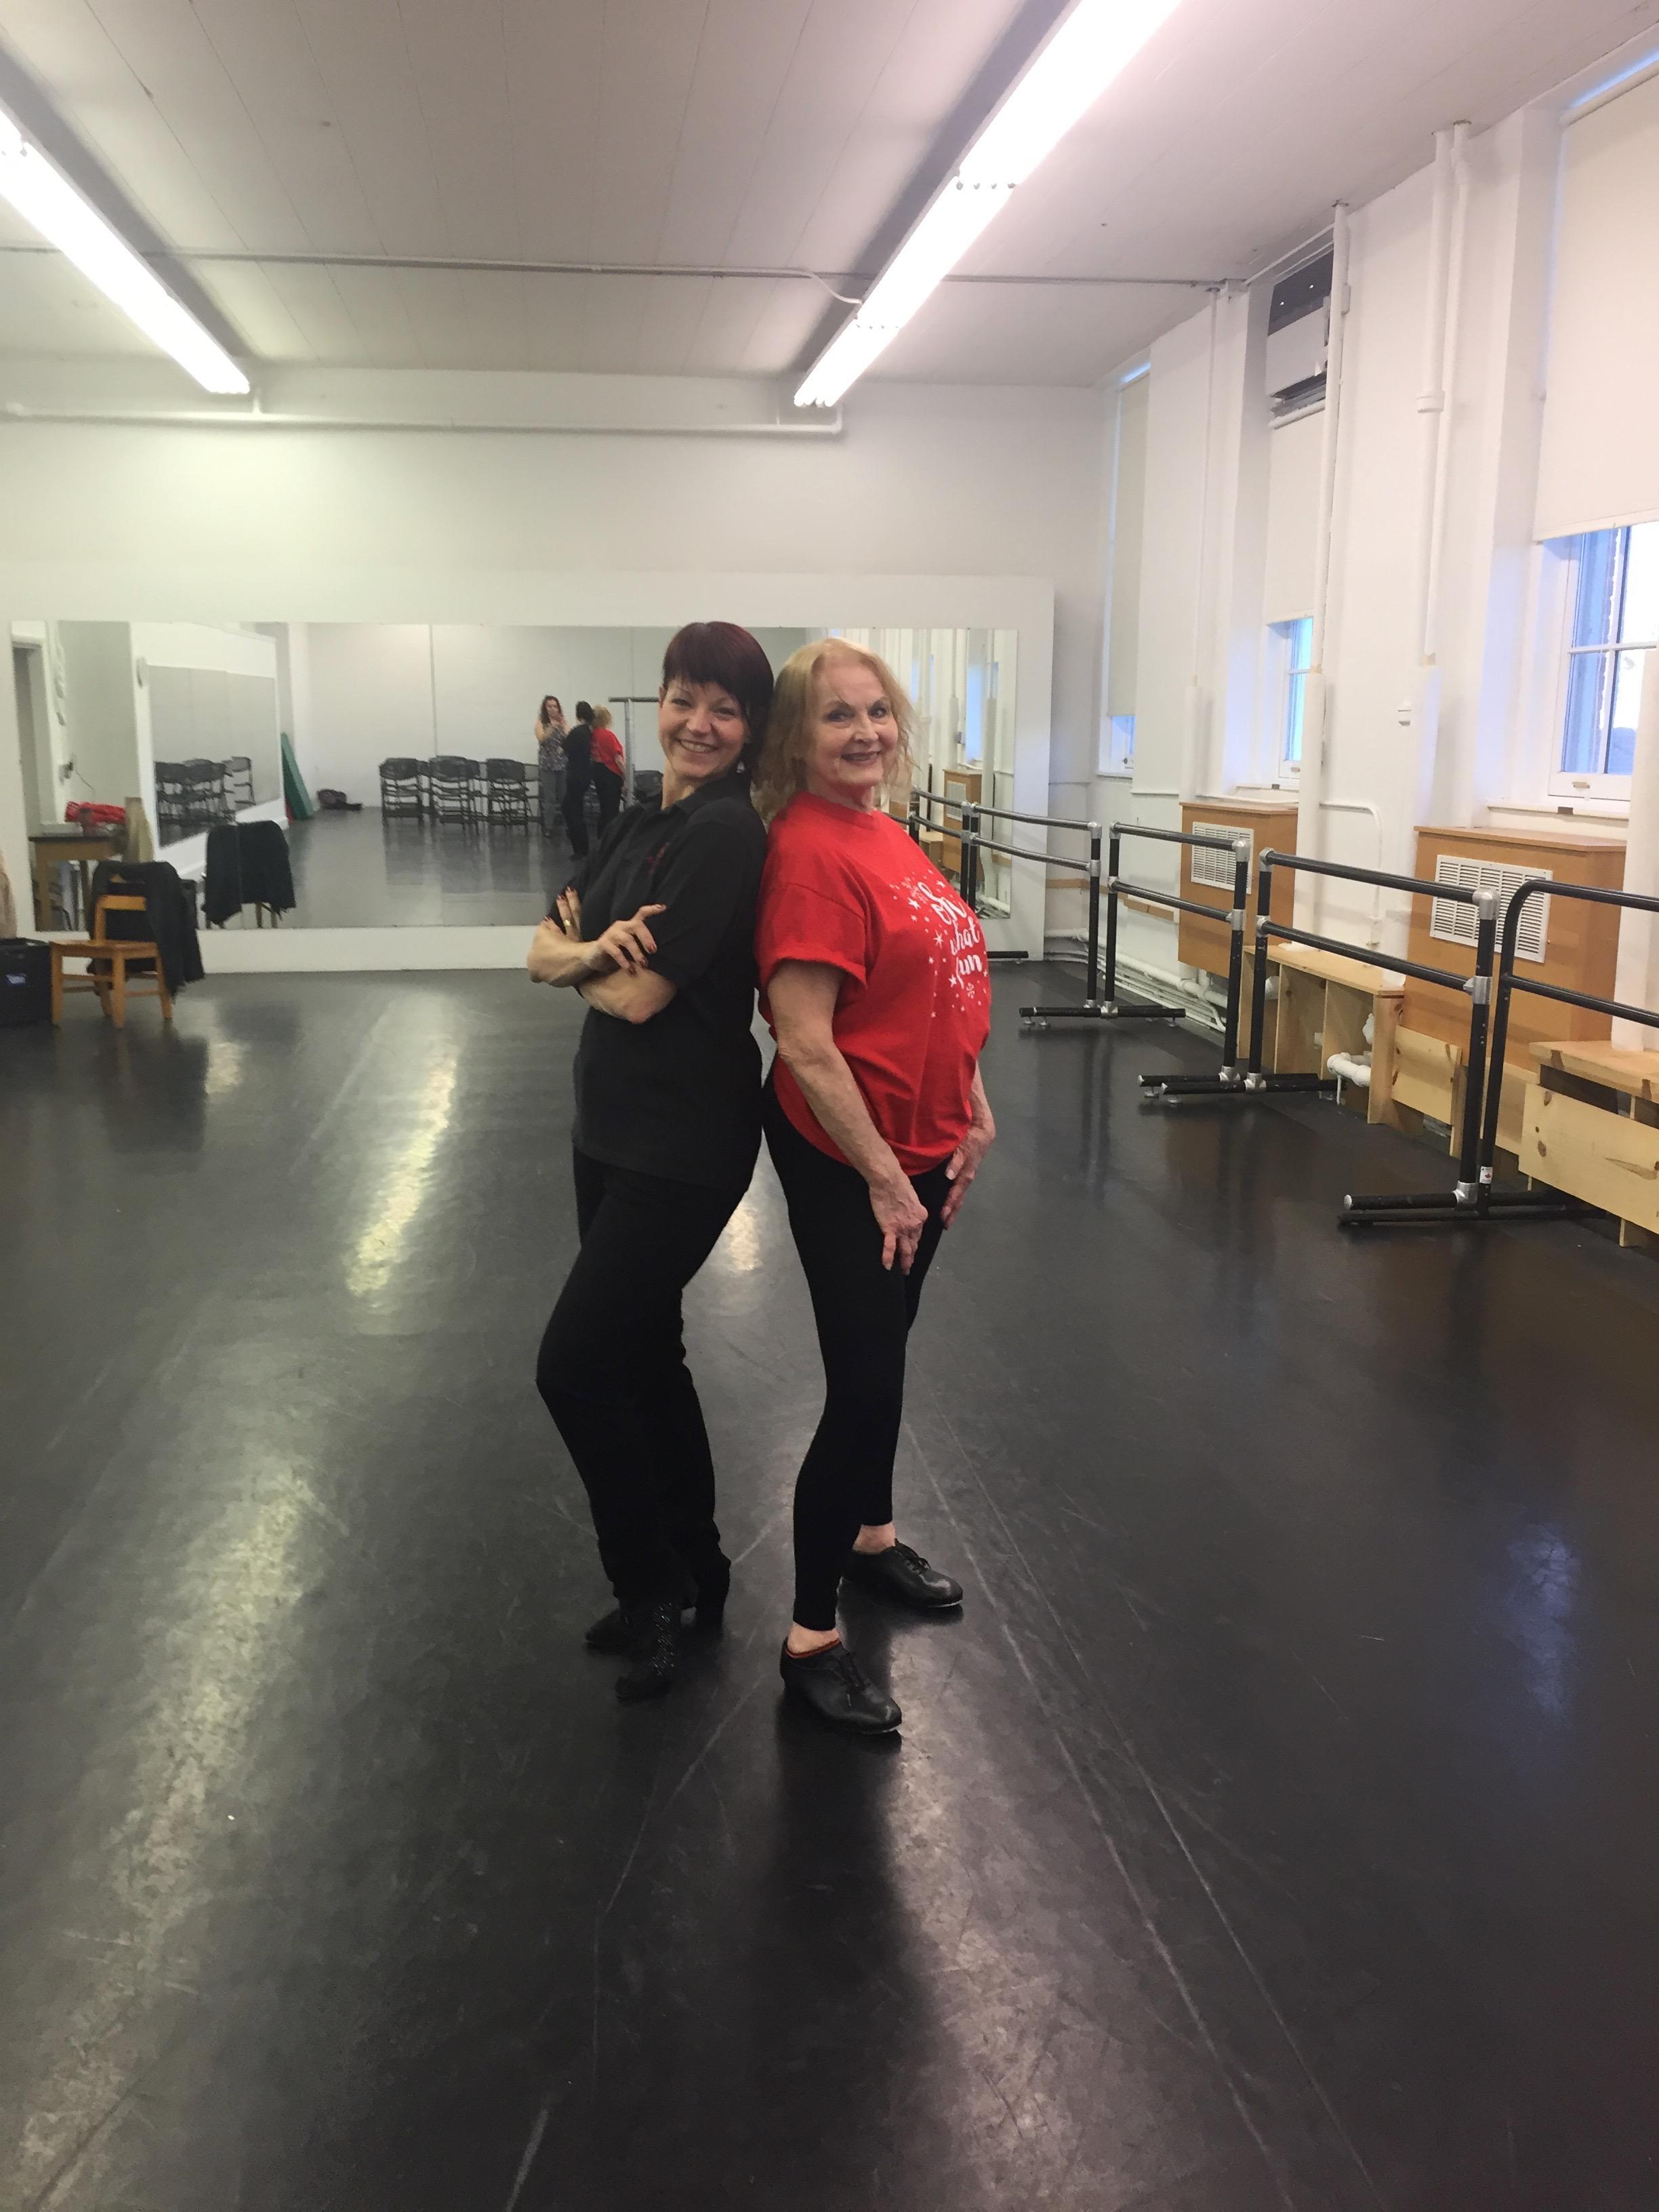 annapolis-dance-academy-1555263226.jpeg